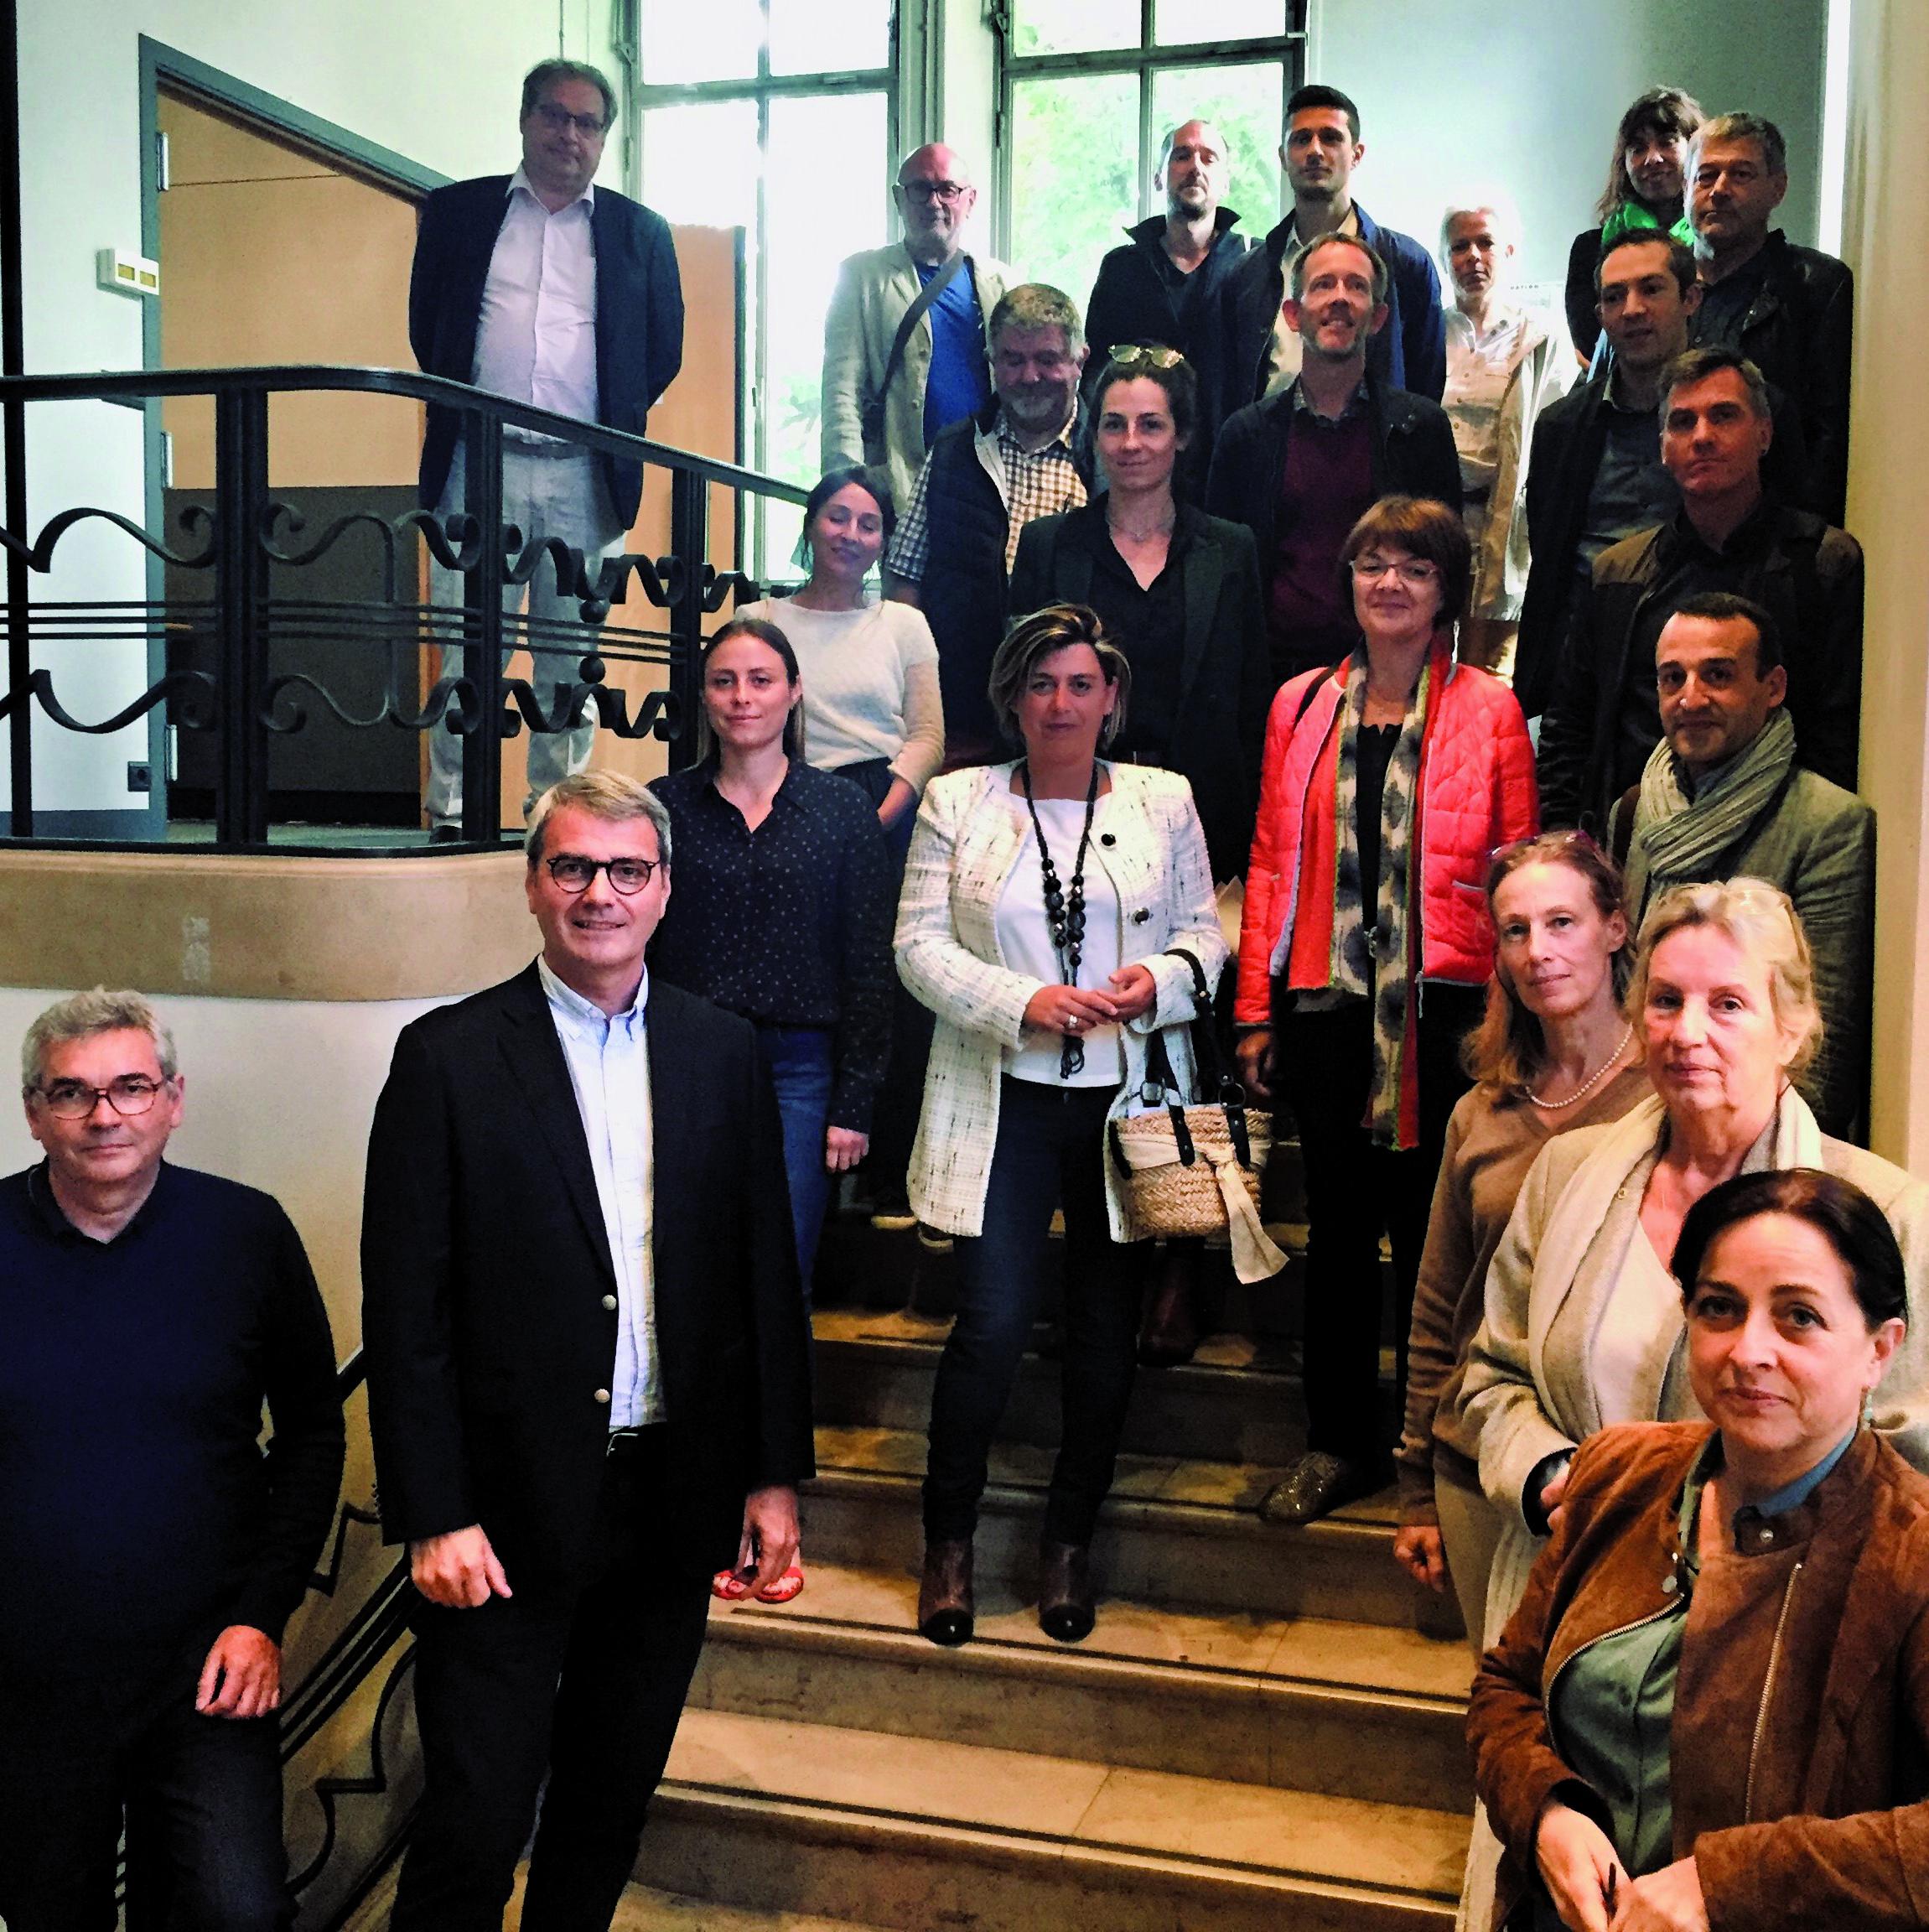 Mécénat : Mécène et Loire soutient la culture territoriale